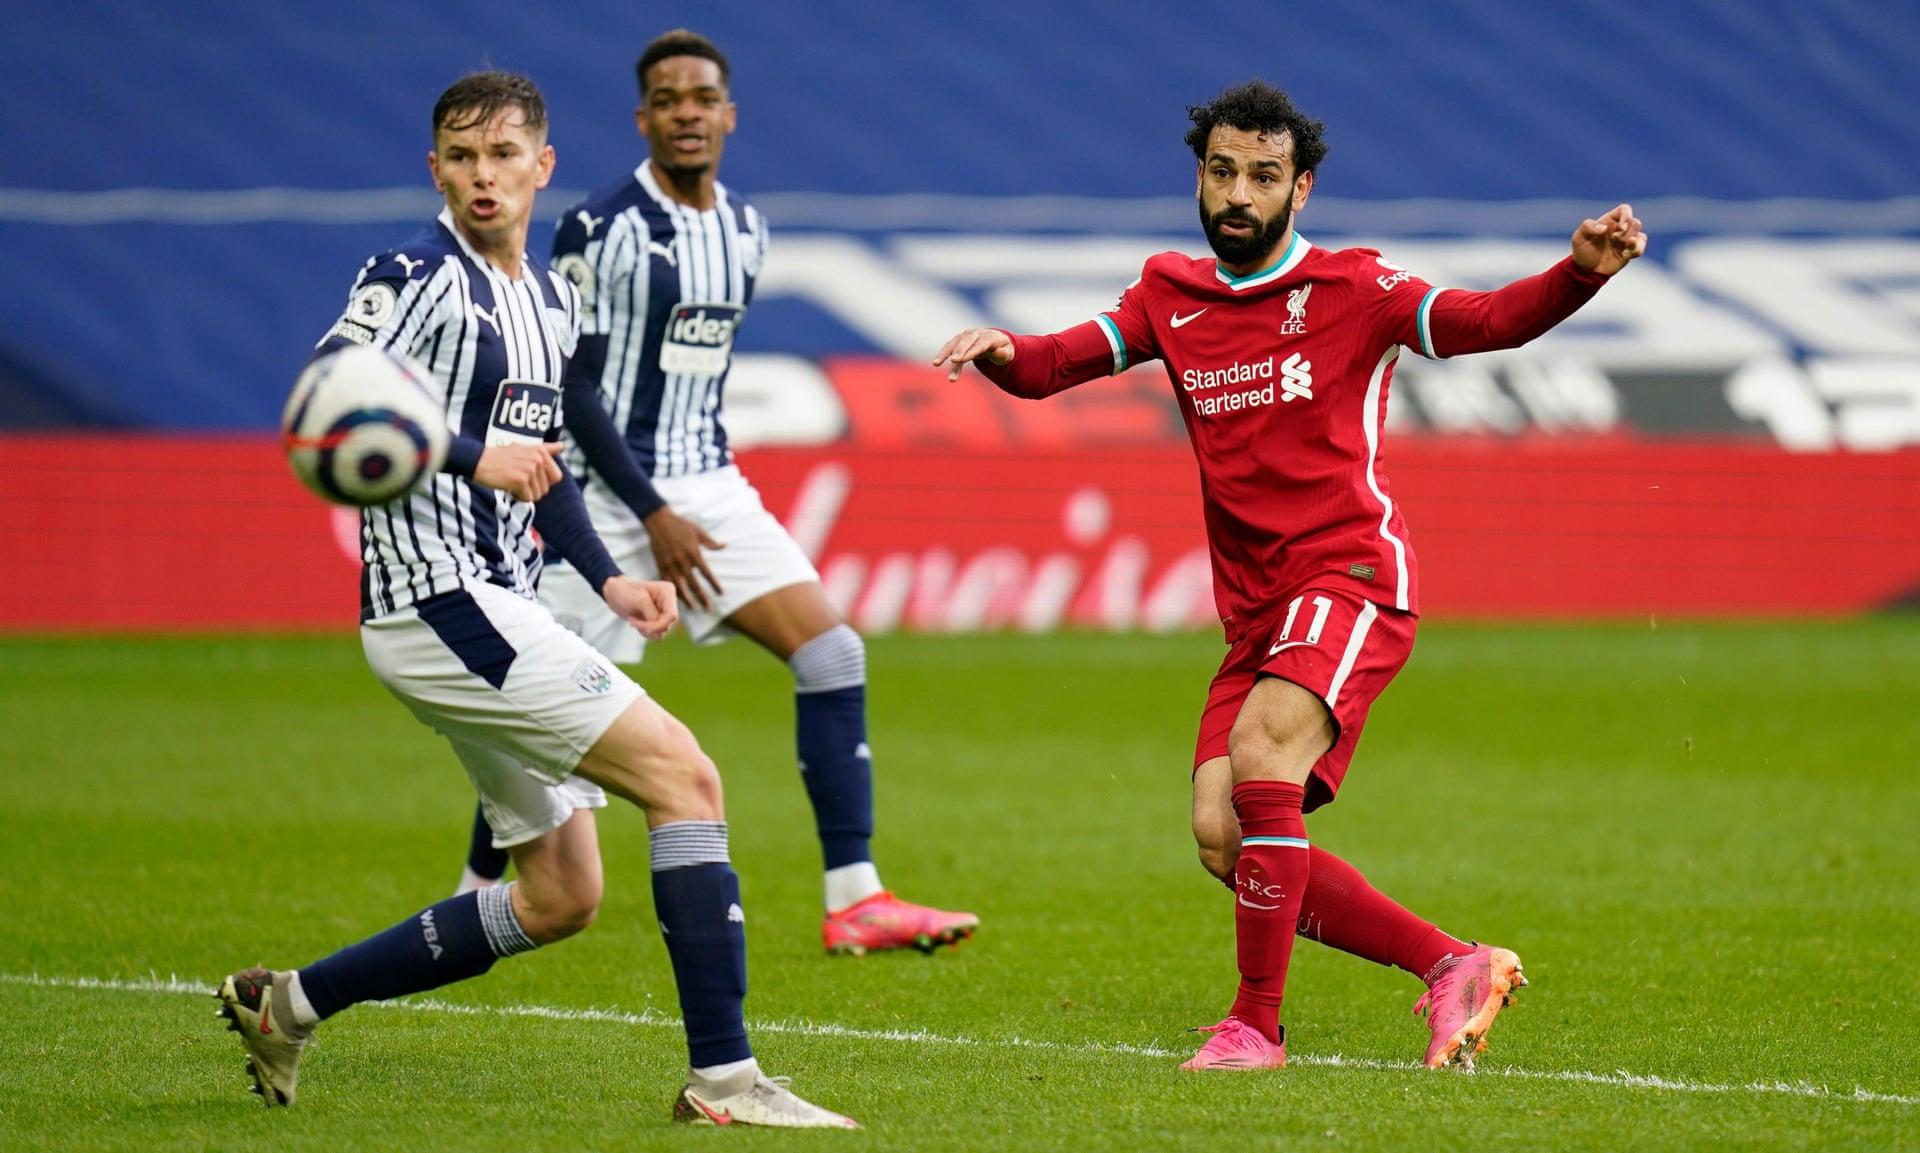 Salah ghi bàn gỡ hoà 1-1 cho Liverpool bằng cú cứa lòng hiểm ở phút 33. Ảnh: Reuters